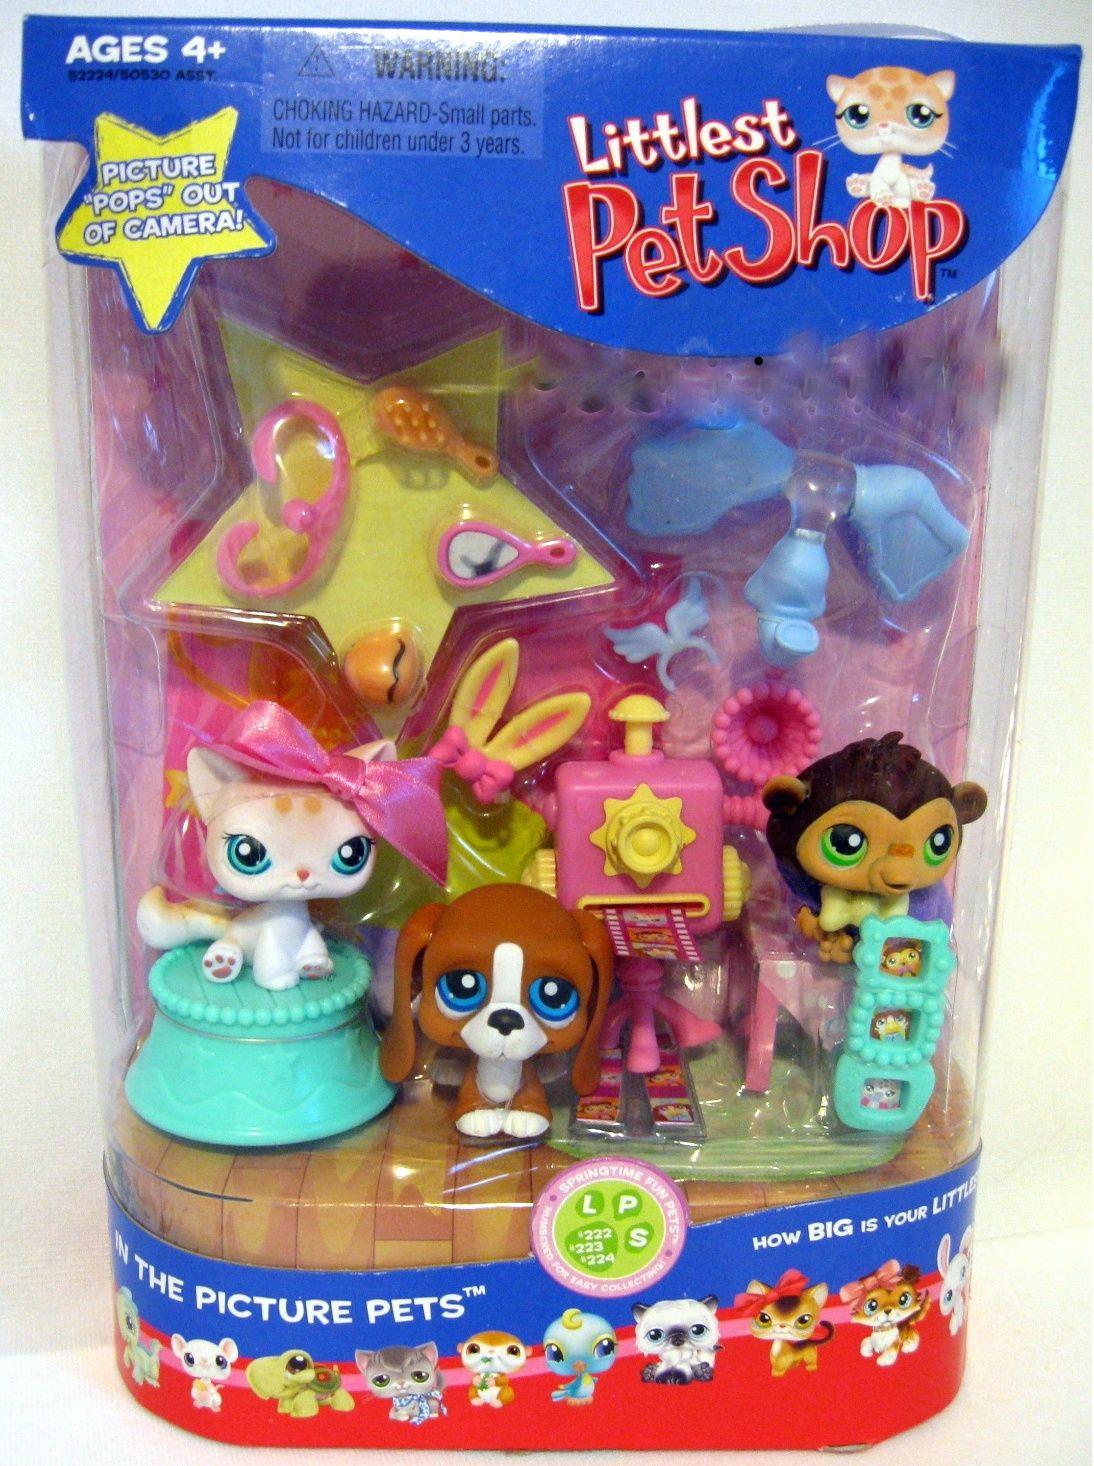 Littlest Pet Shop Playsets Lps Pets Lps Toys Lps Littlest Pet Shop